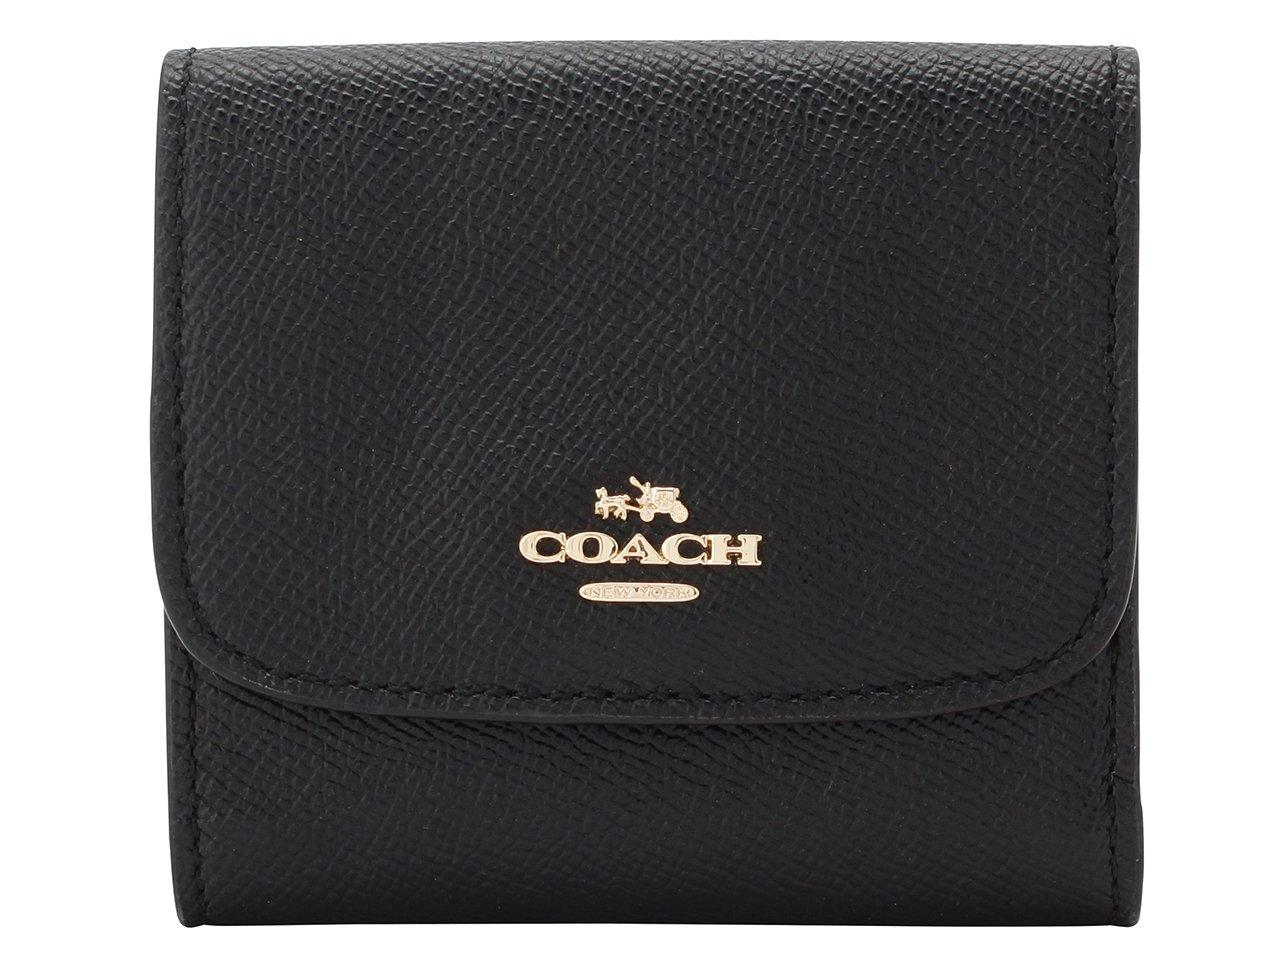 (コーチ) COACH 財布 三つ折り ミニ コンパクト レザー アウトレット [並行輸入品] B075D6JBG7 ブラック ブラック